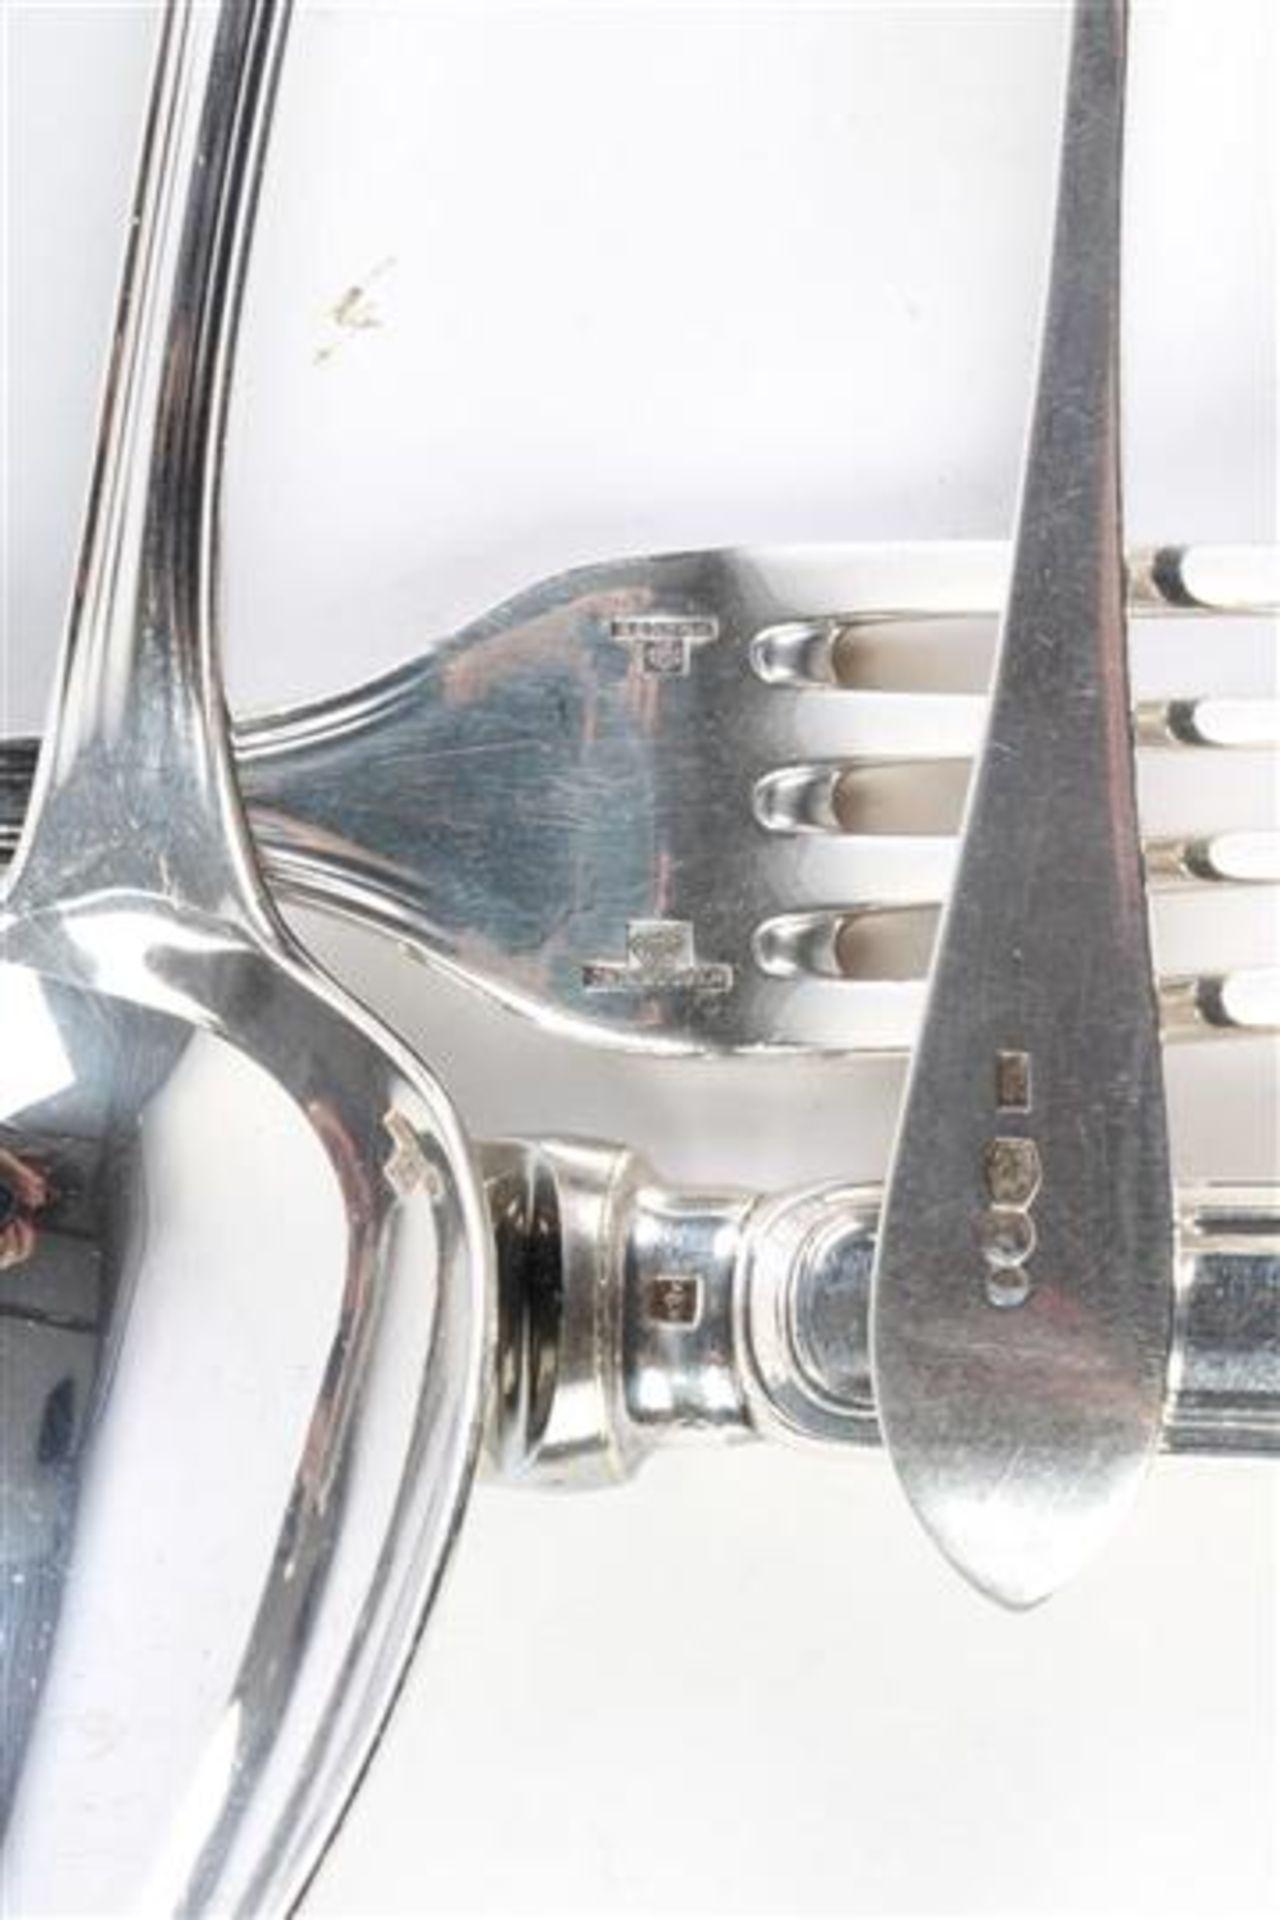 Set van twee zilveren botermesjes Hollands gekeurd, daarbij twee Christofle couverts. - Bild 3 aus 3